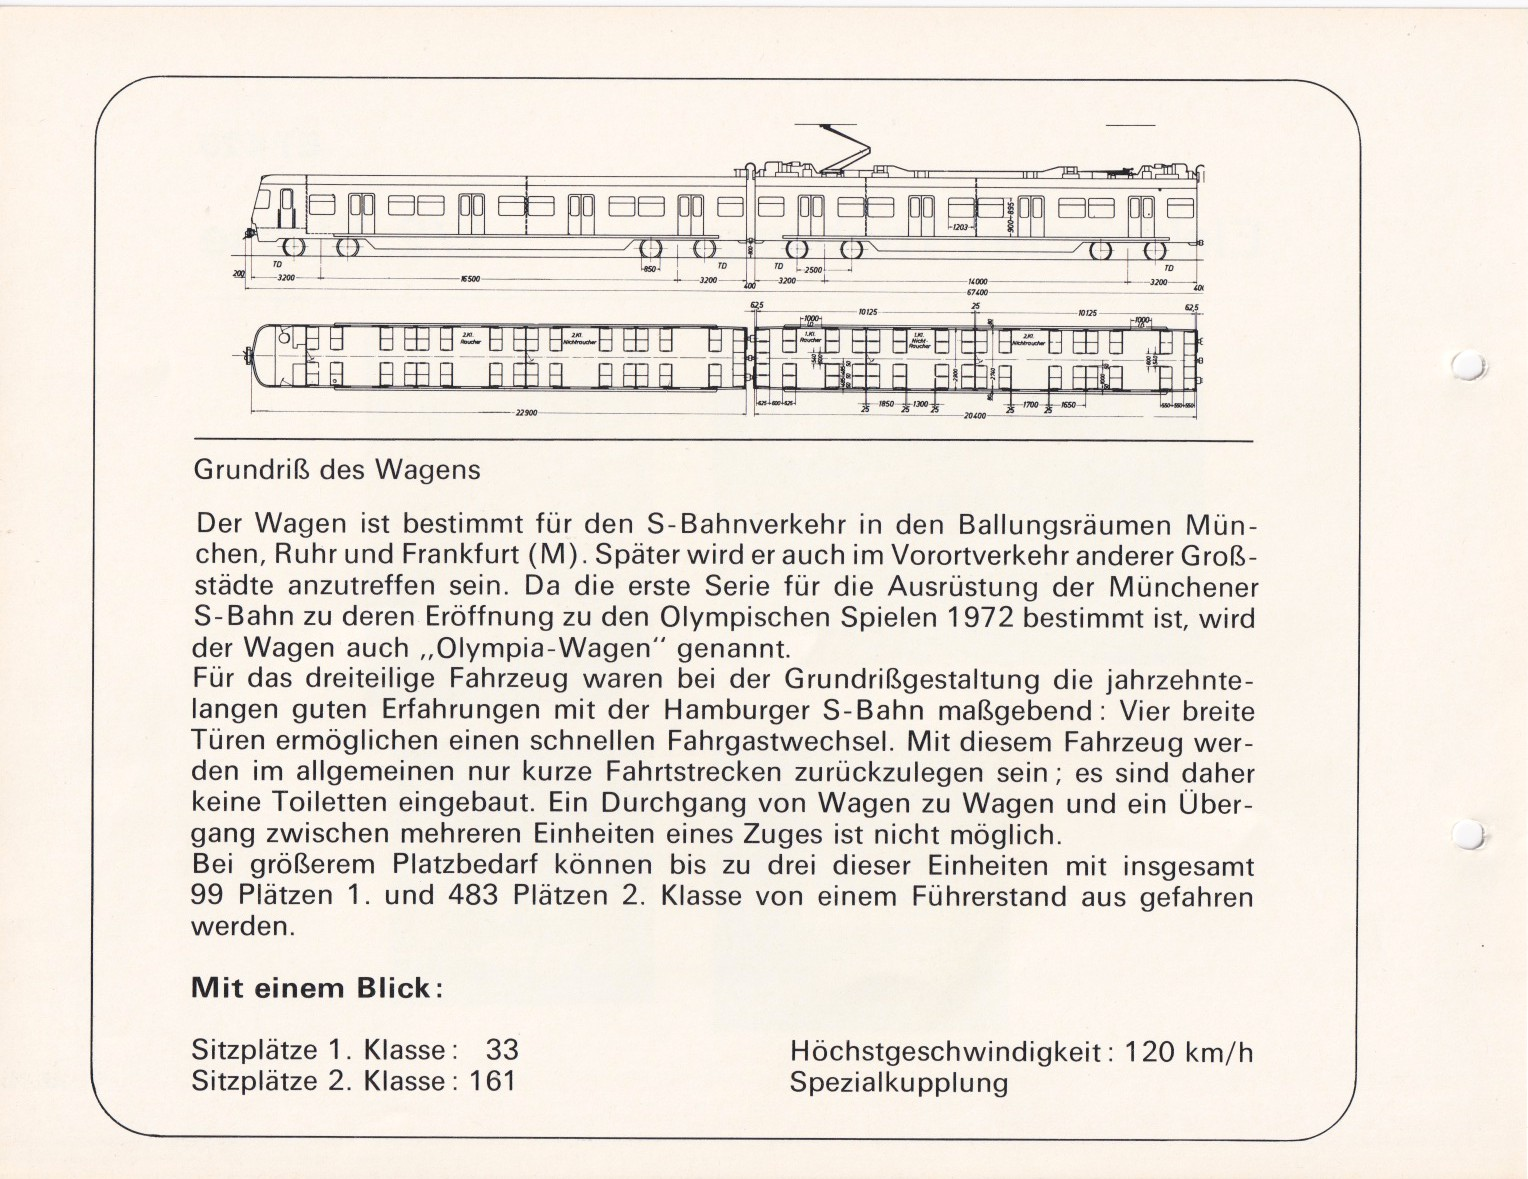 https://www.nullclub.de/hifo/Fahrzeuglexikon/Wagen46b.jpg